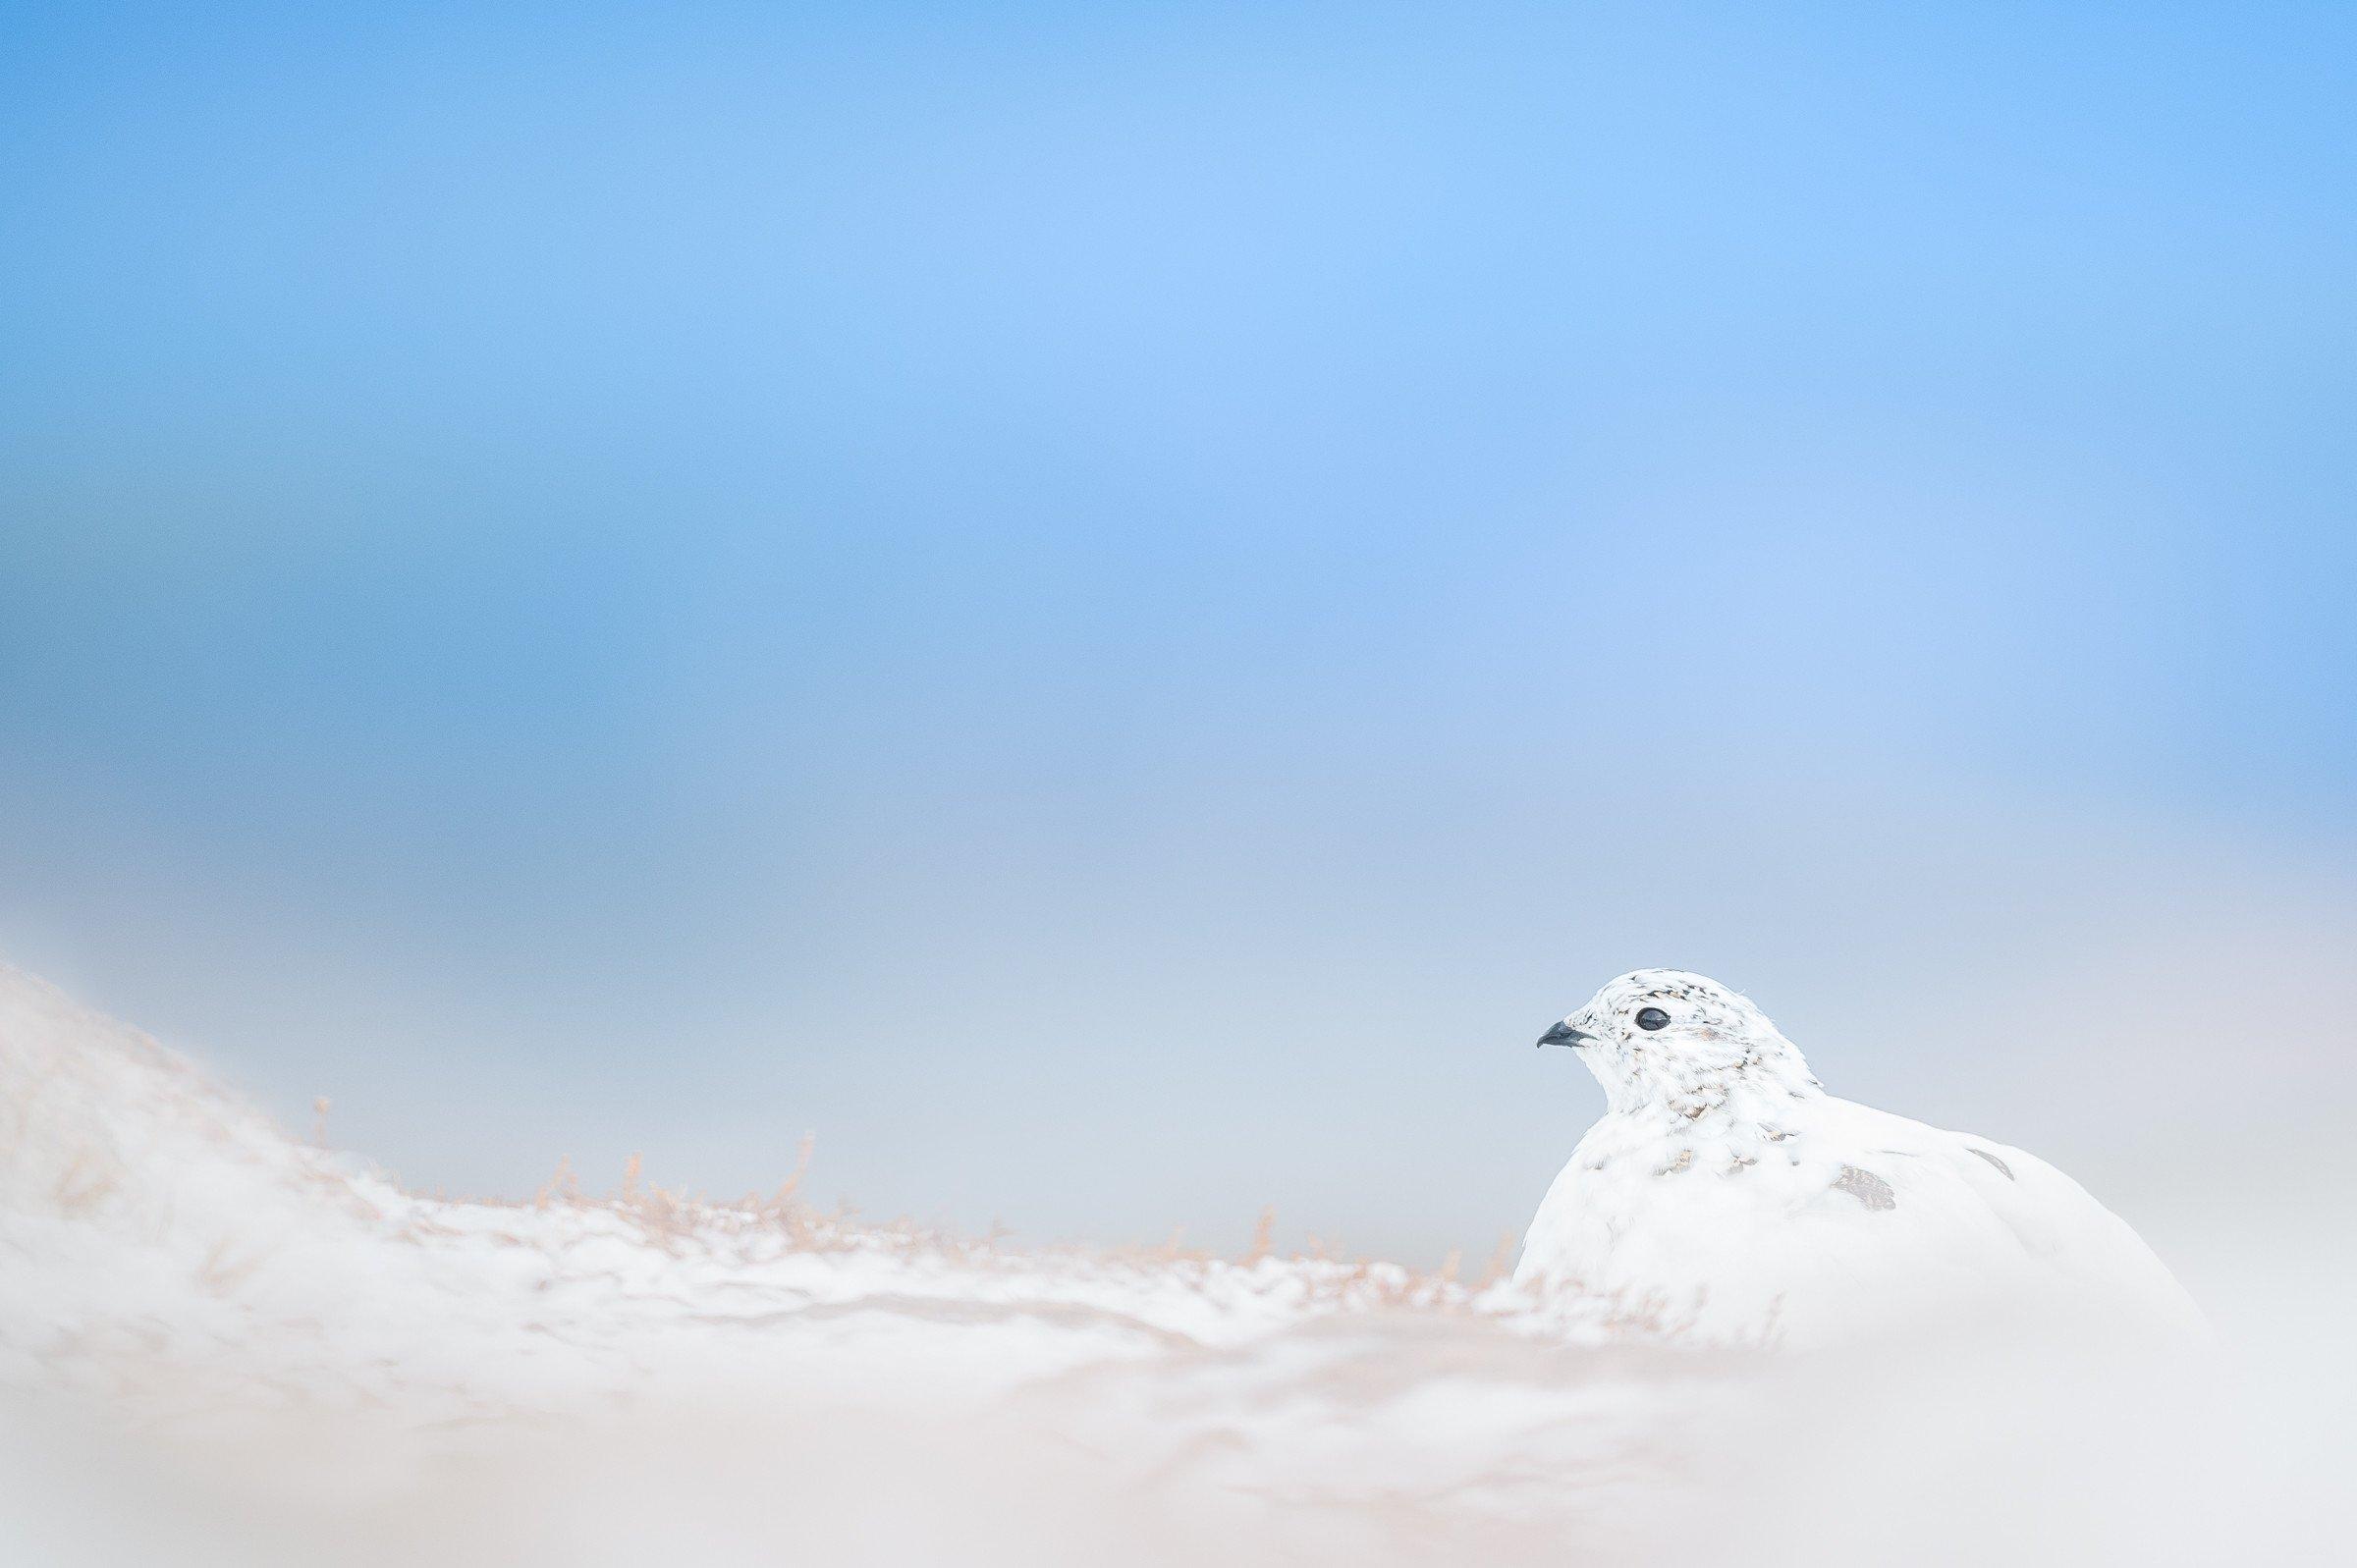 vogels veengebied 3134